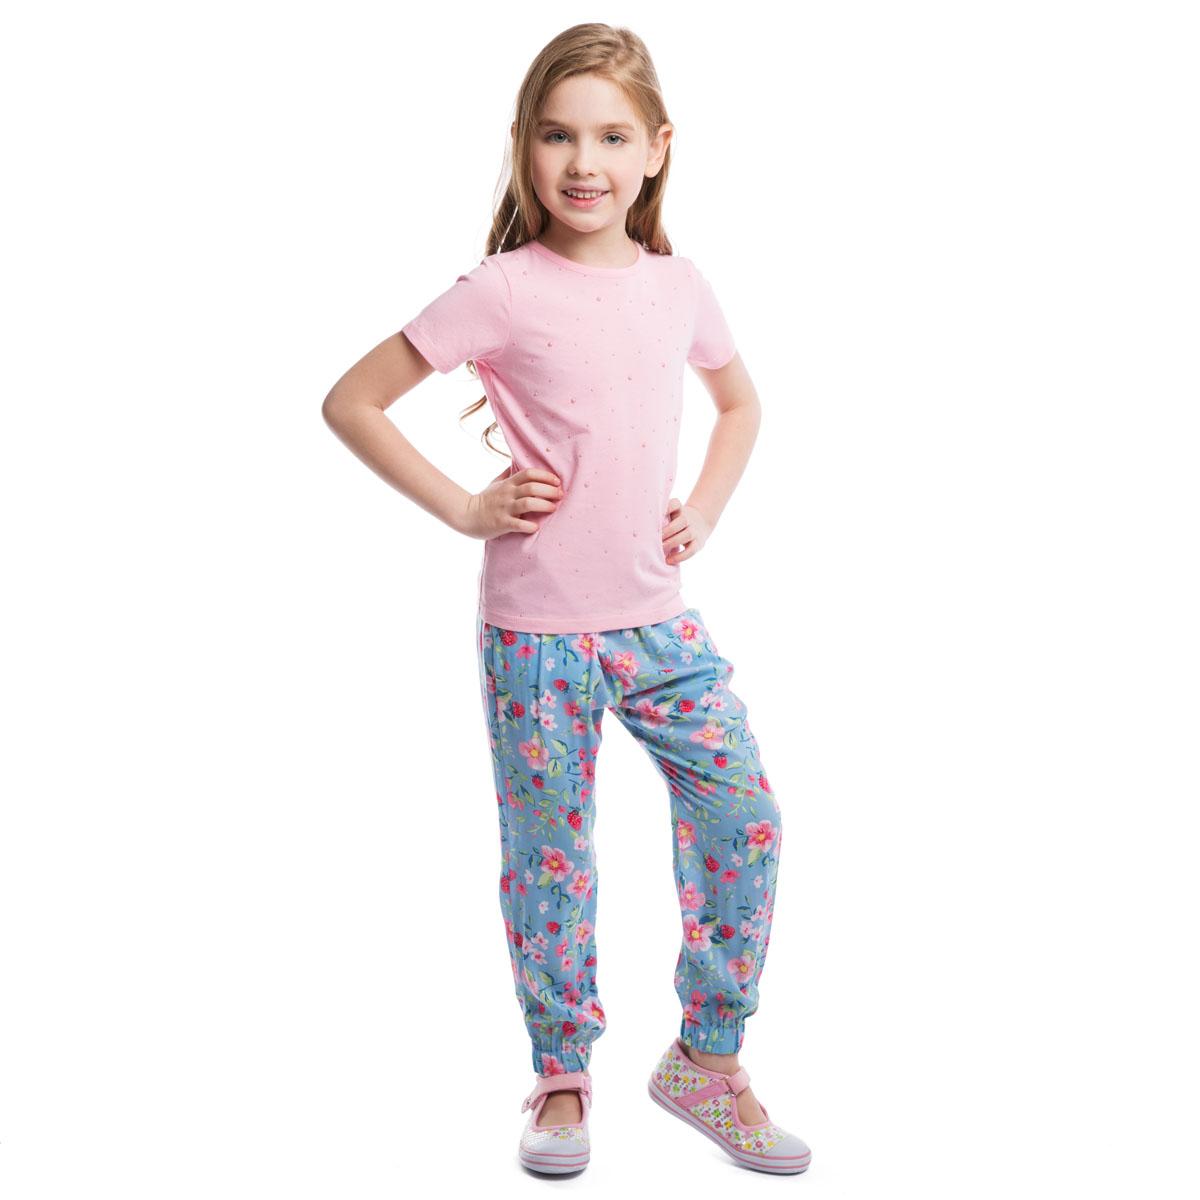 Футболка для девочки PlayToday, цвет: розовый. 262009. Размер 104, 4 года262009Стильная футболка для девочки PlayToday идеально подойдет вашей дочурке. Изготовленная из эластичного хлопка, она мягкая и приятная на ощупь, не сковывает движения и позволяет коже дышать, не раздражает даже самую нежную и чувствительную кожу ребенка, обеспечивая наибольший комфорт. Футболка с короткими рукавами и круглым вырезом горловины оформлена спереди приклеенными круглыми элементами разного диаметра, выполненными из пластика. Горловина дополнена мягкой эластичной бейкой. Современный дизайн и модная расцветка делают эту футболку стильным предметом детского гардероба. В ней ваша дочурка будет чувствовать себя уютно и комфортно и всегда будет в центре внимания!